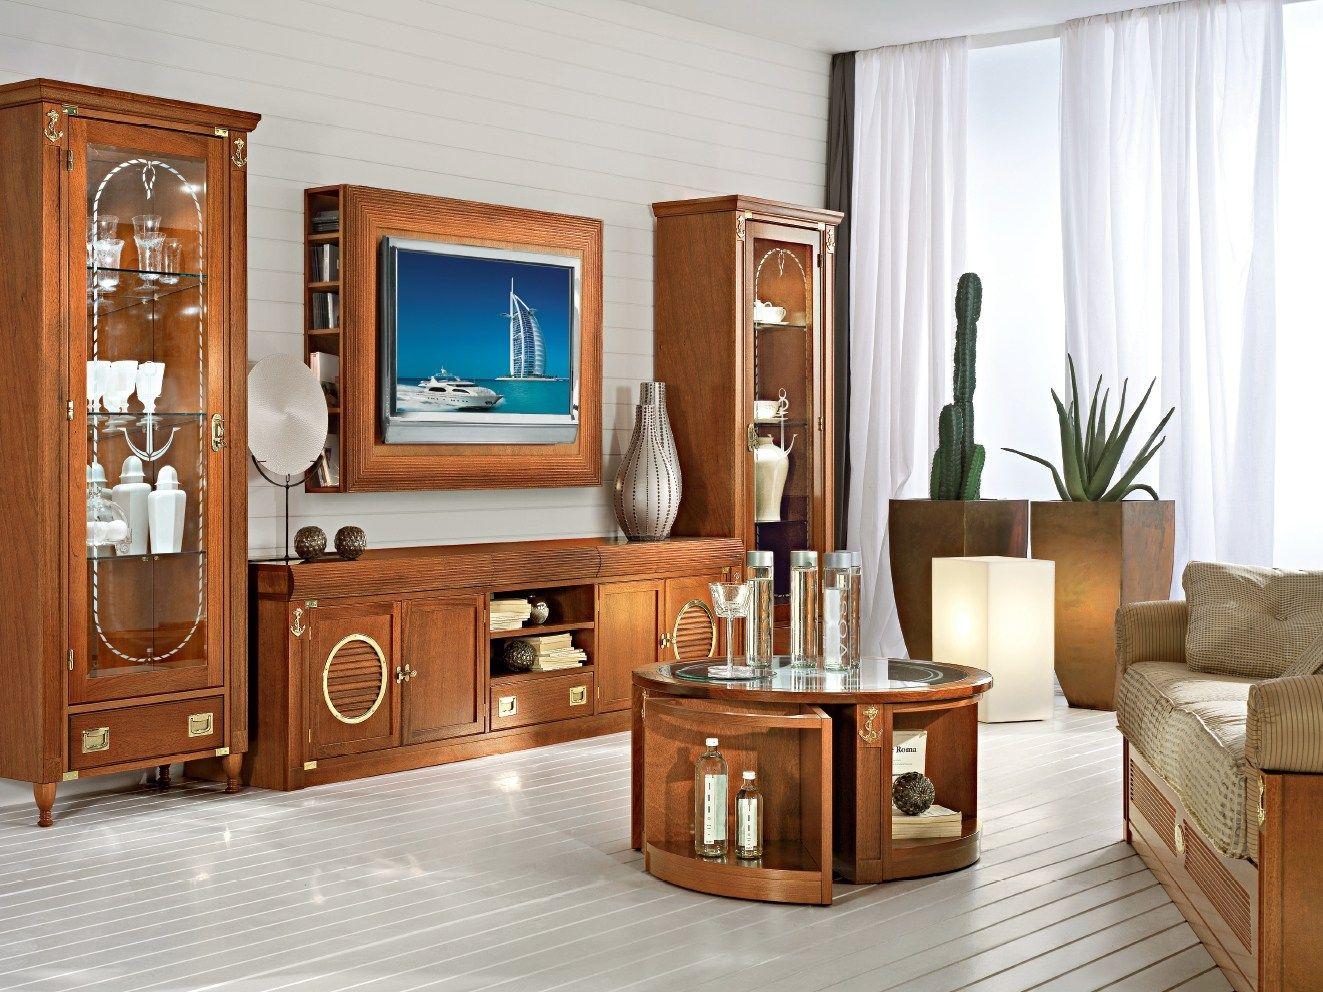 Mueble modular de pared montaje pared lacado de madera - Lacado de madera ...